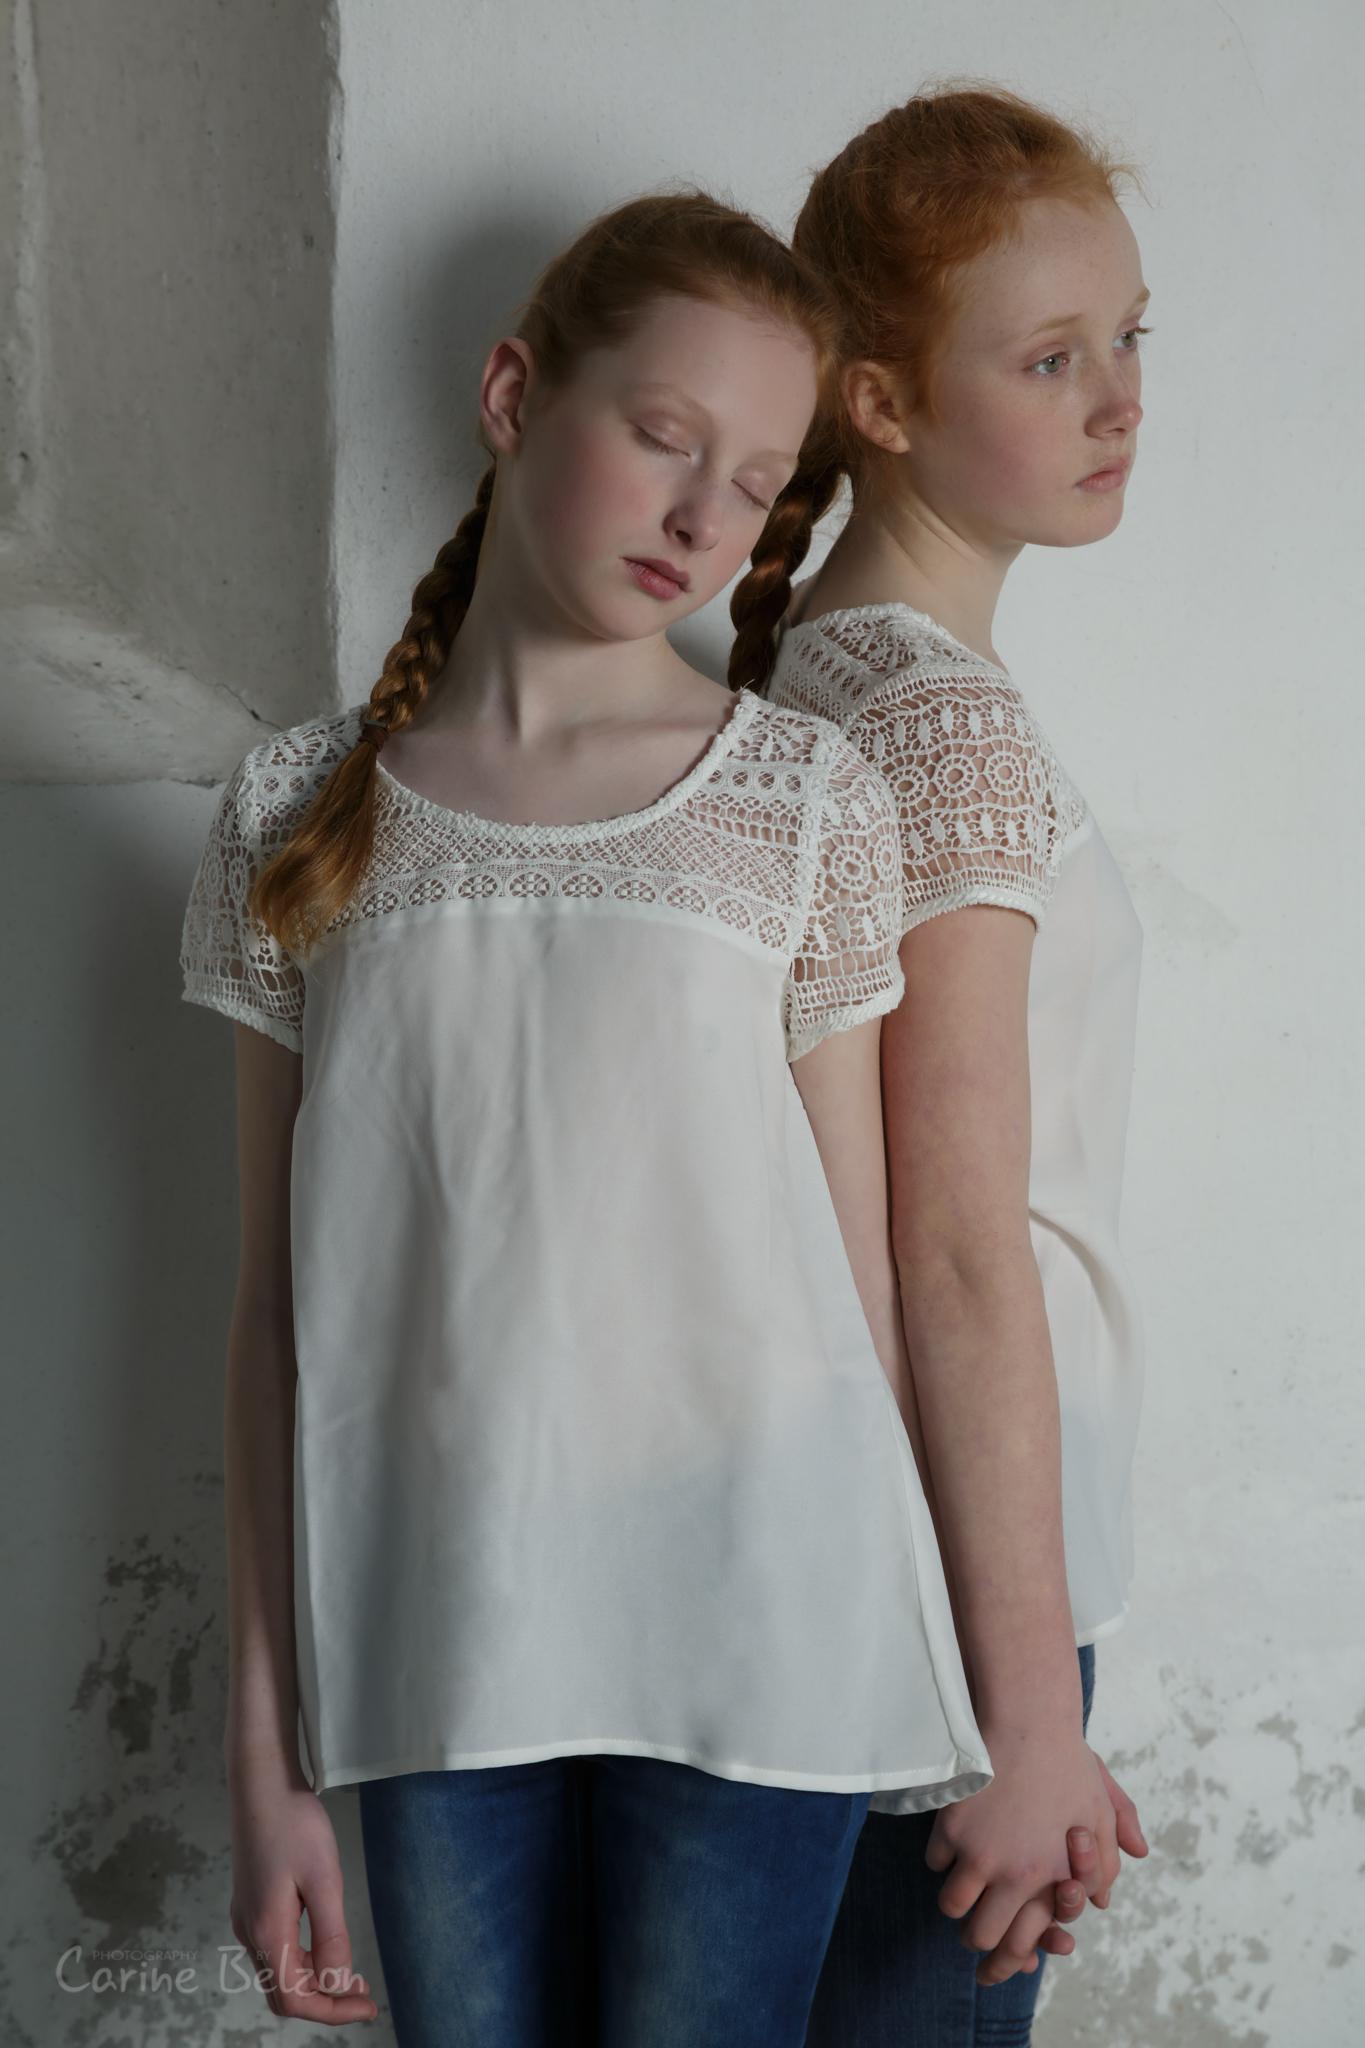 Blog - Locatie shoot kerkje - Carine Belzon | Fotograaf Friesland